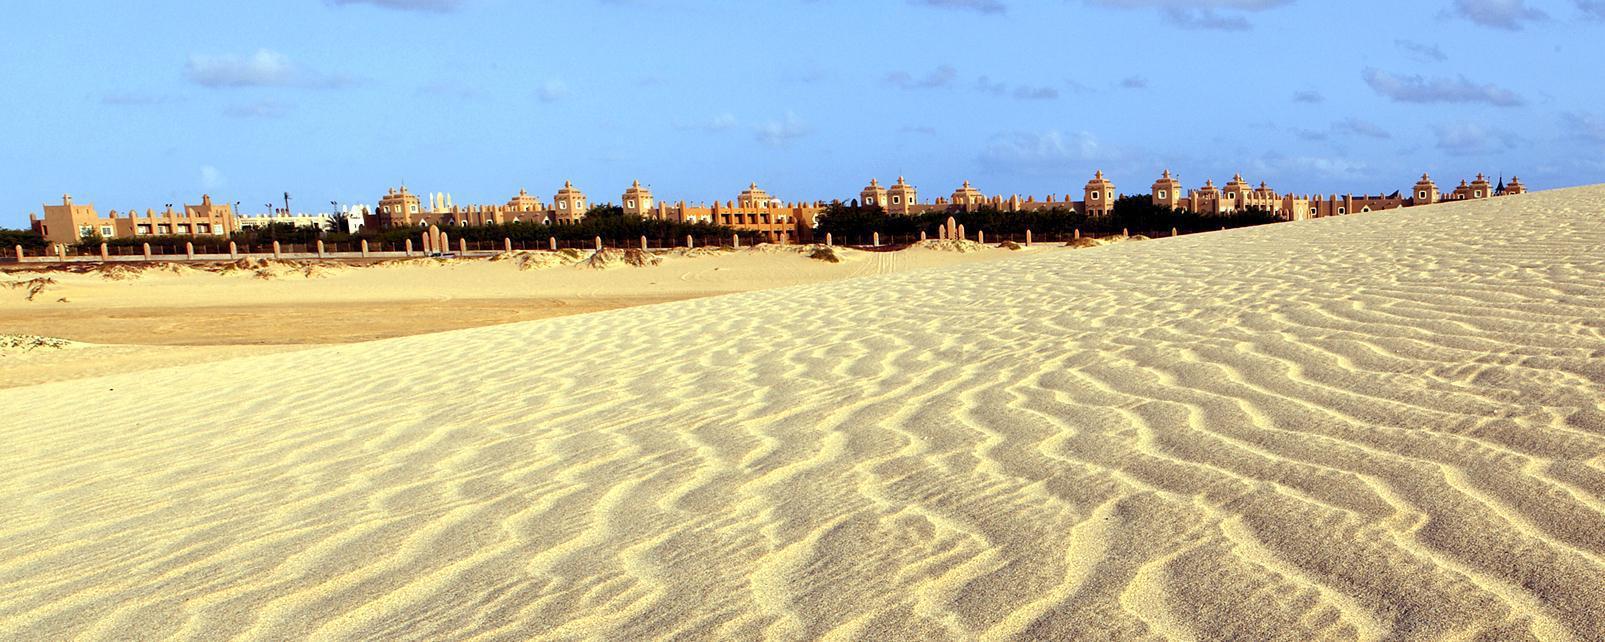 Afrique; Cap-Vert; Sal; sable; ville; bâtiment; ciel;